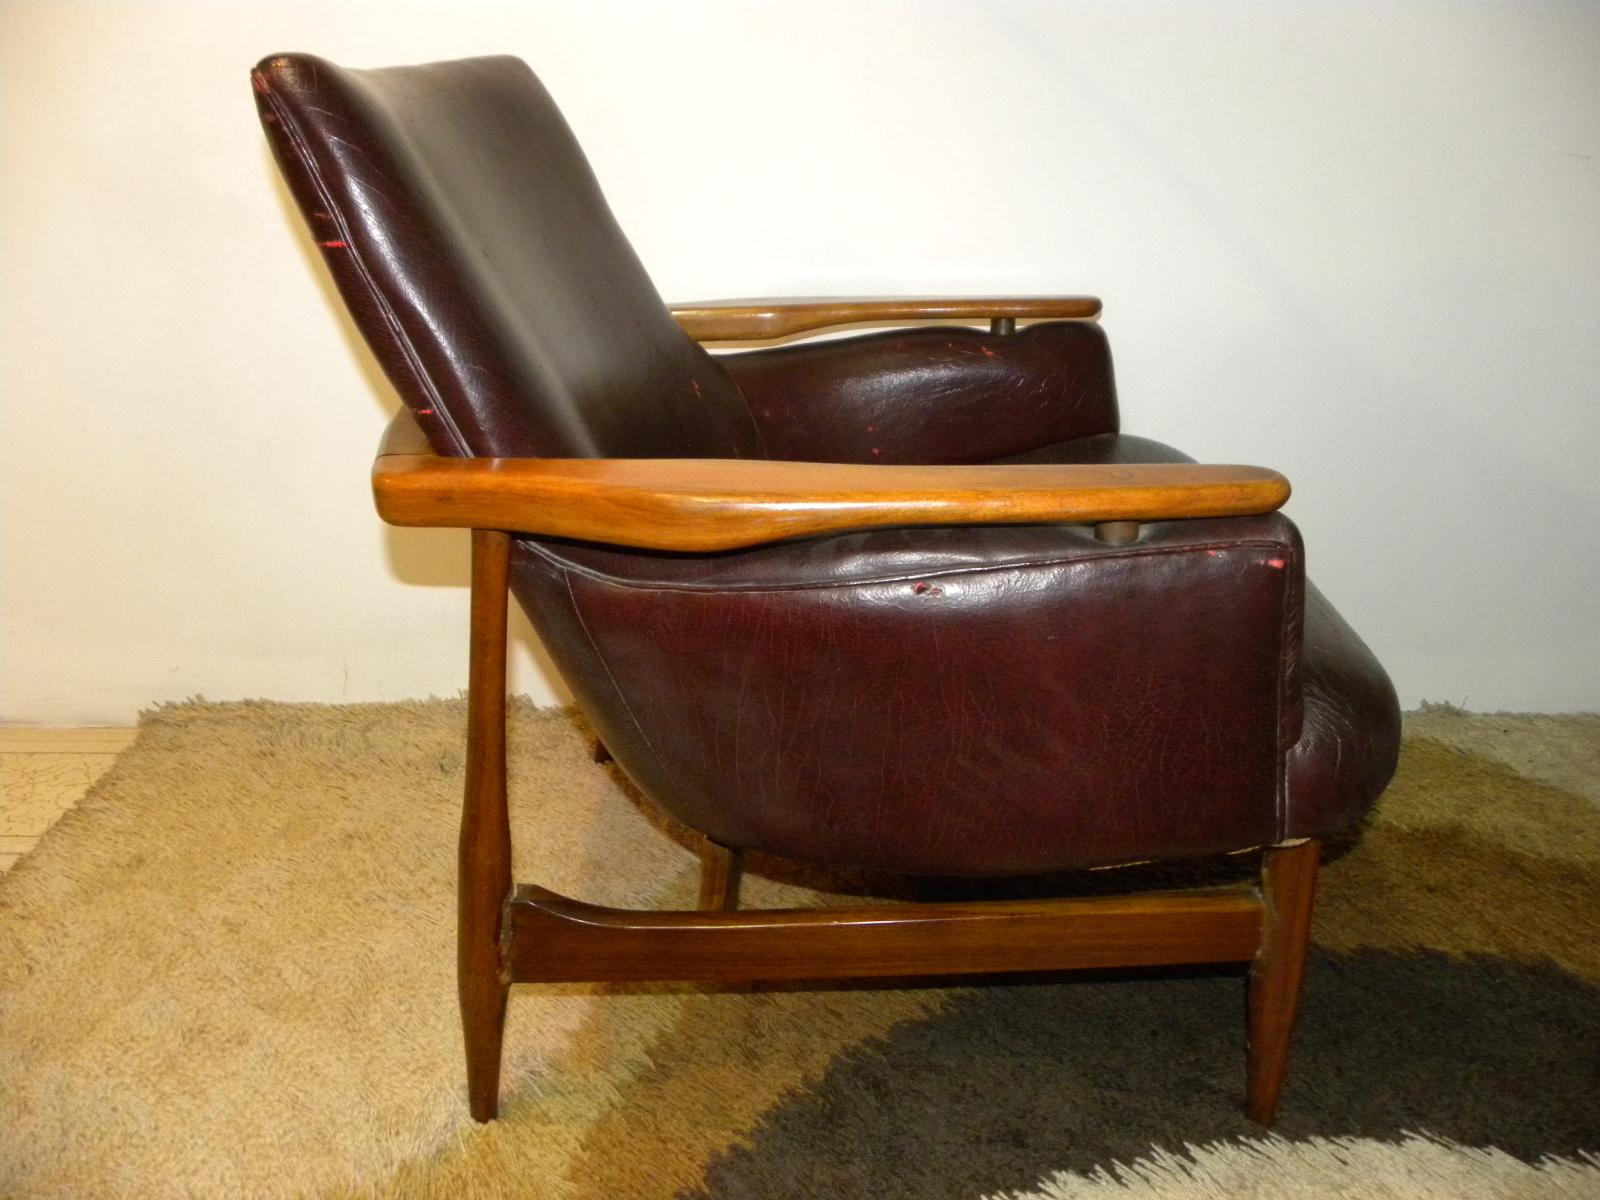 Deco retro vintage par de sillones escandinavos tipo - Sillones vintage retro ...